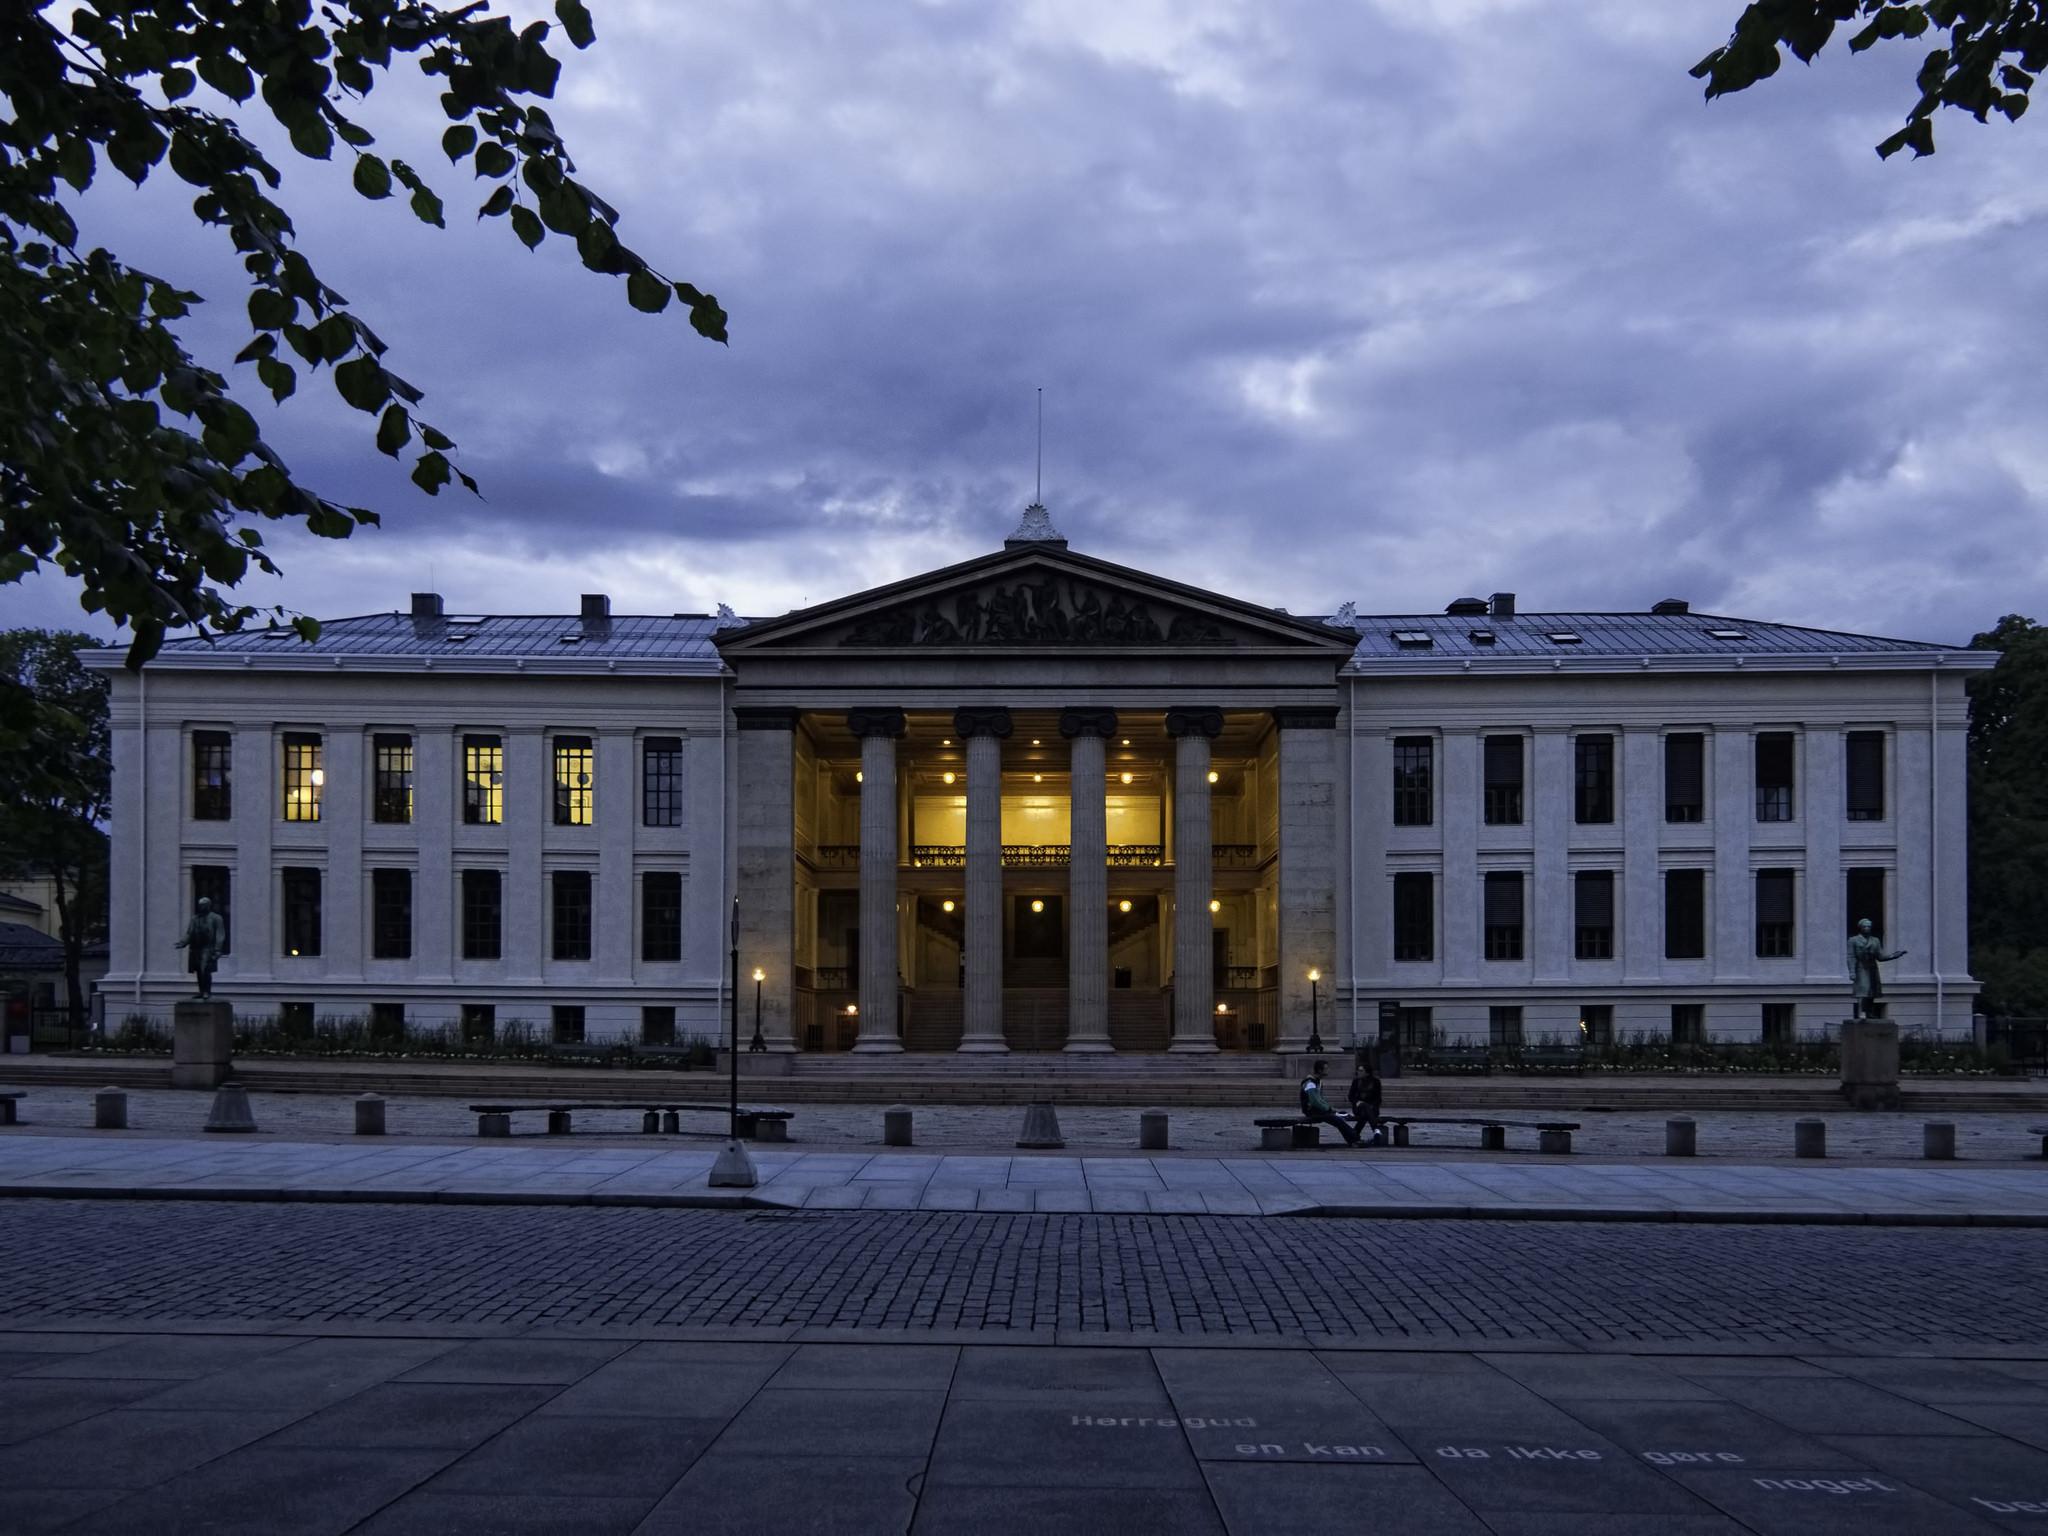 Ti kvinnelige studenter ved Universitetet i Oslo, her representert ved juridisk fakultet, ble intervjuet i denne studien. Foto: Dan Lundberg/Flickr